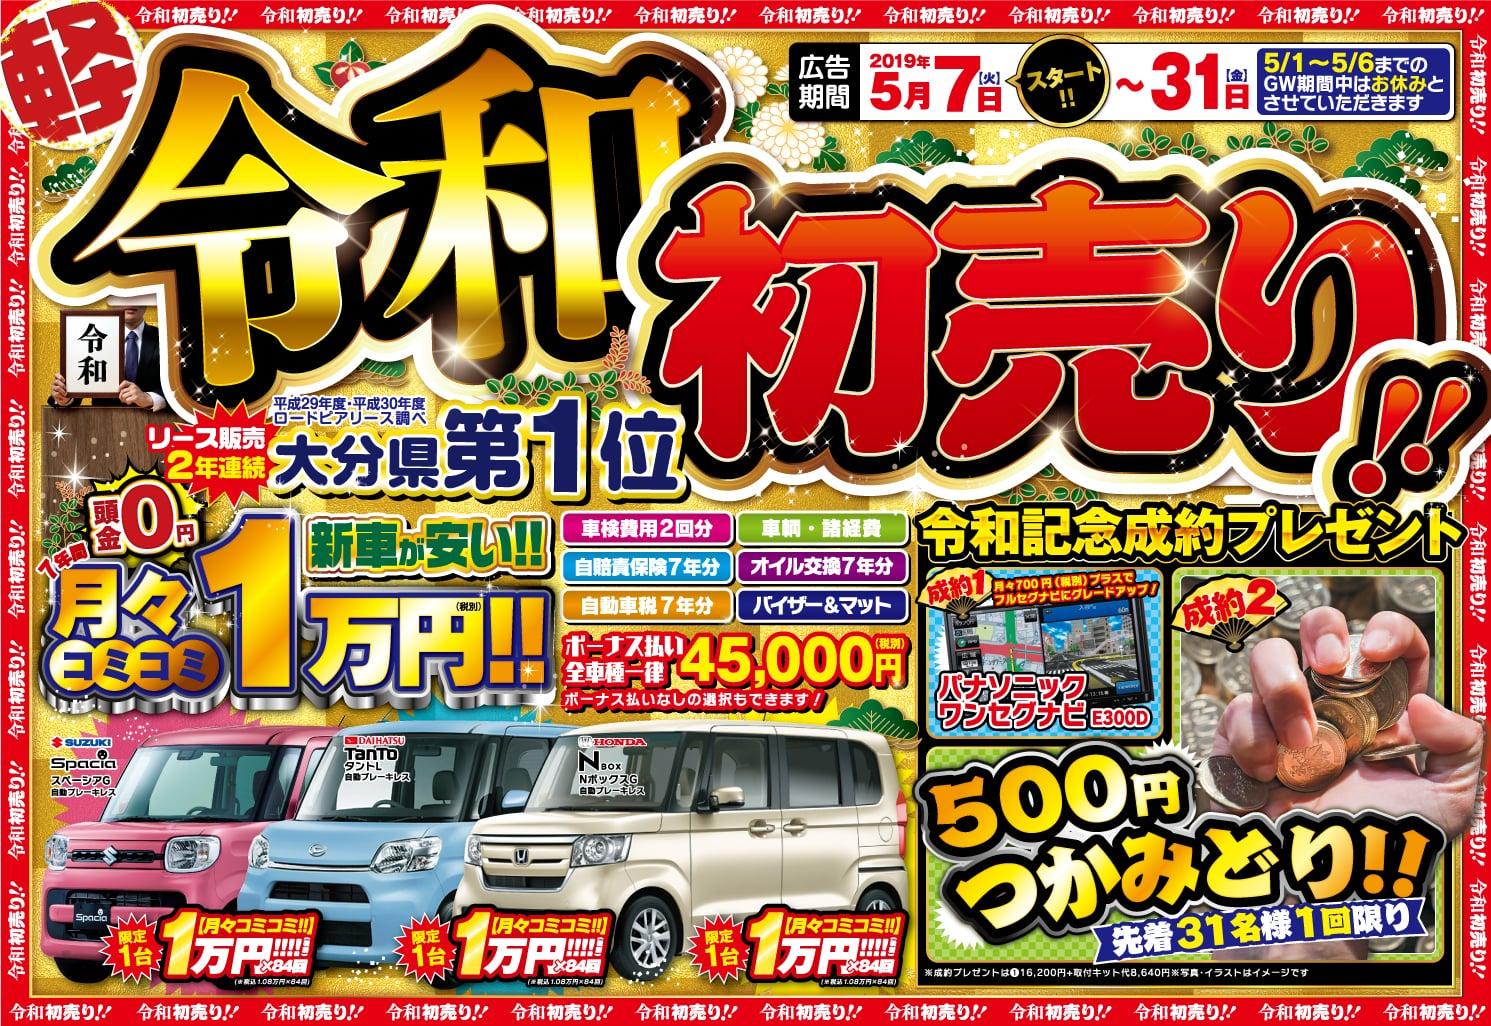 小野自動車工場、令和元年の最初の初売り「令和初売り!!」